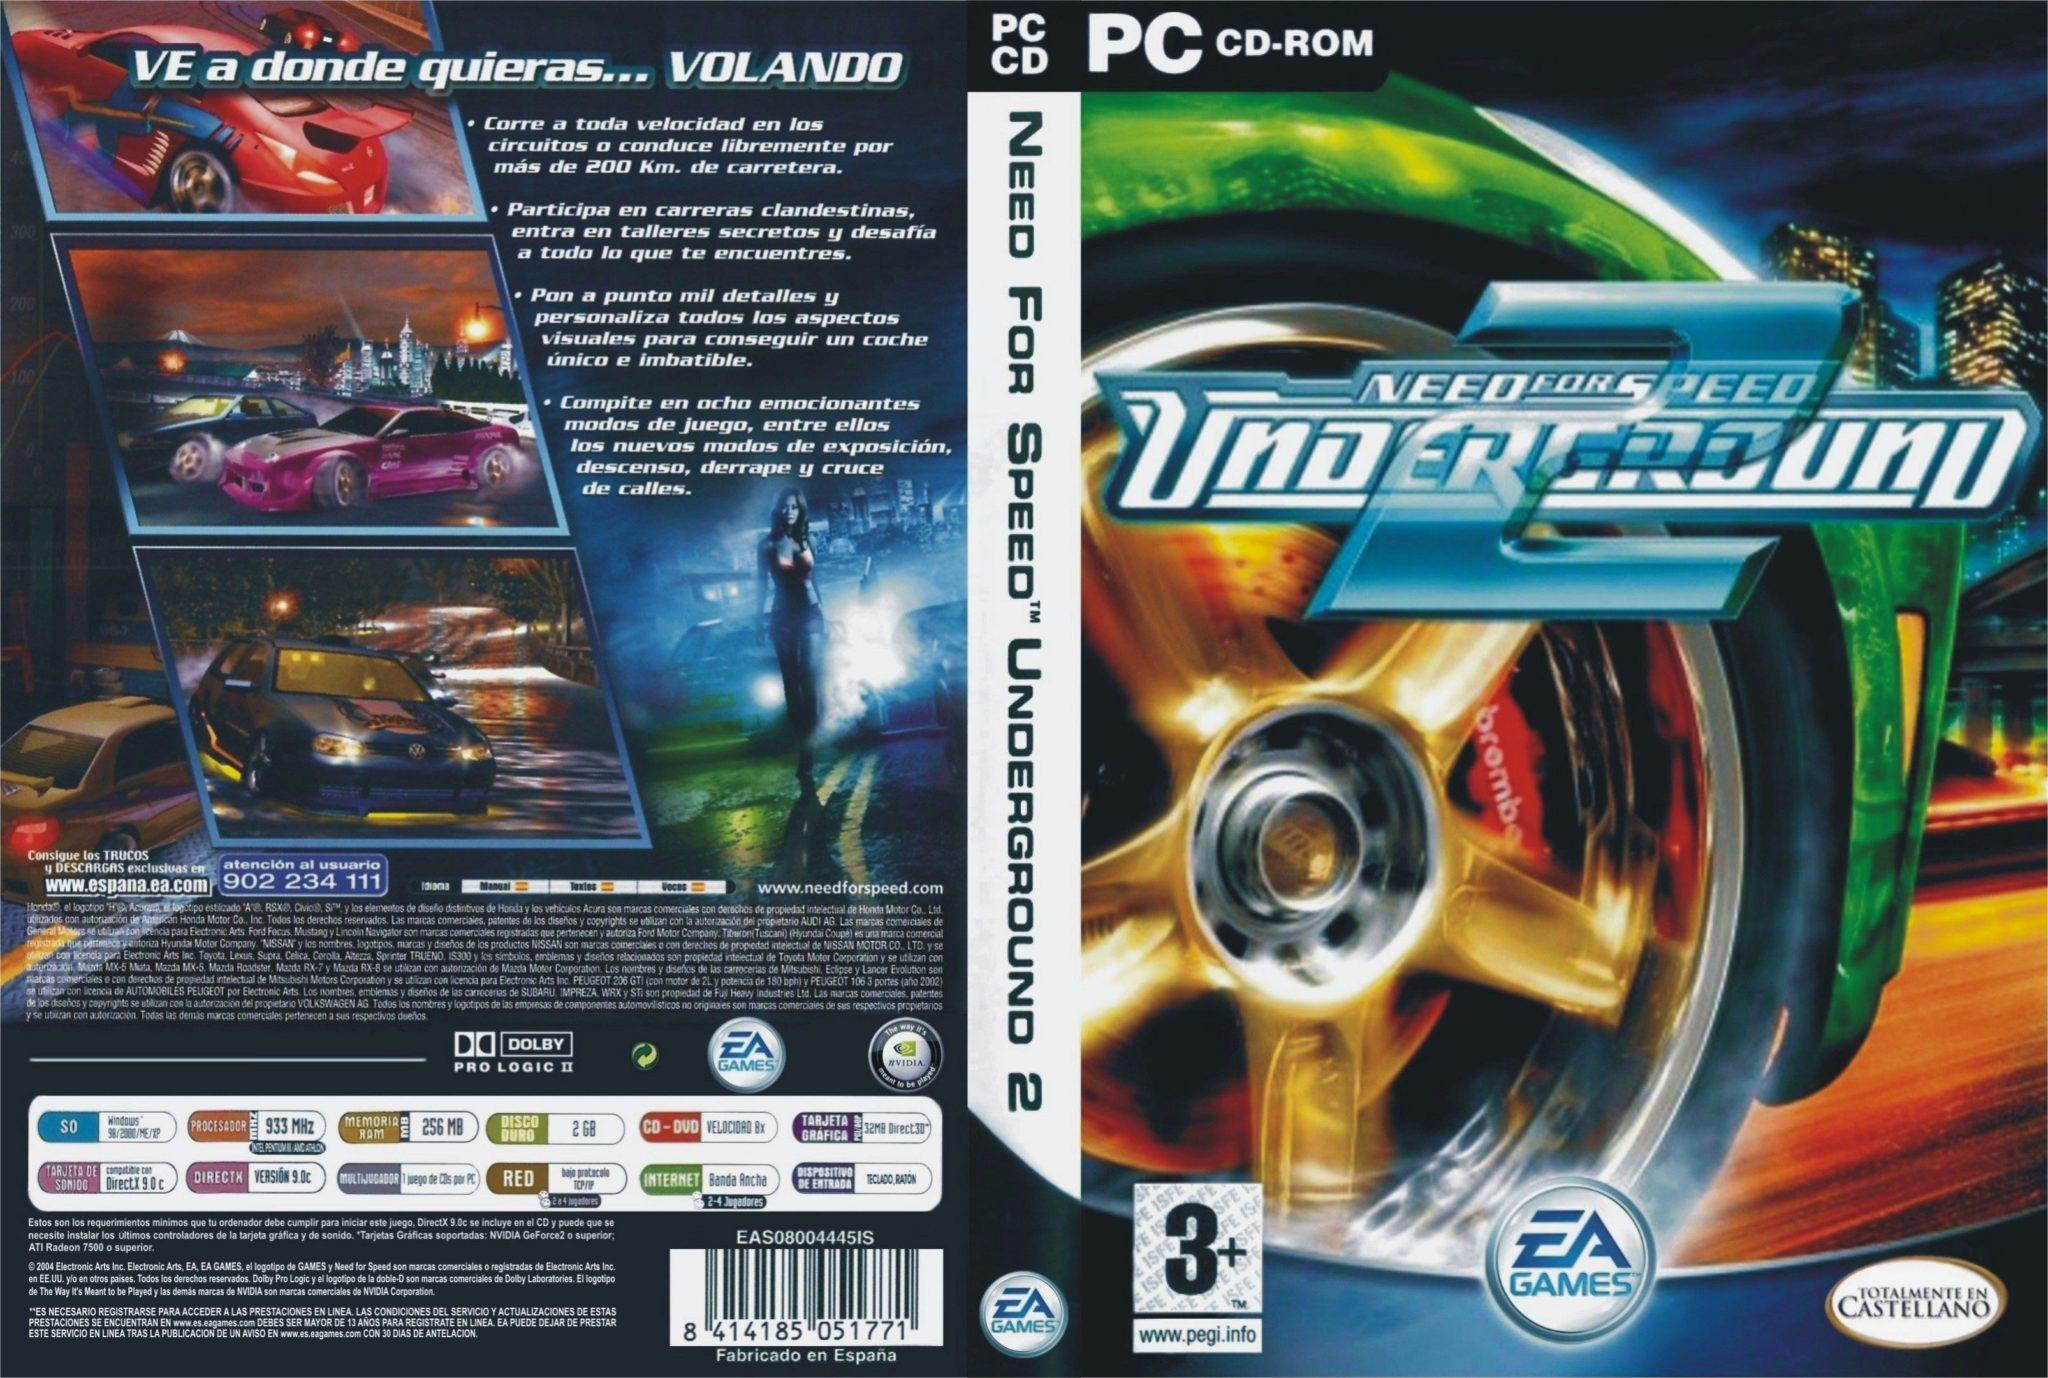 لعبة Need For Speed Underground 2 كاملة وبدون تسطيب (1)